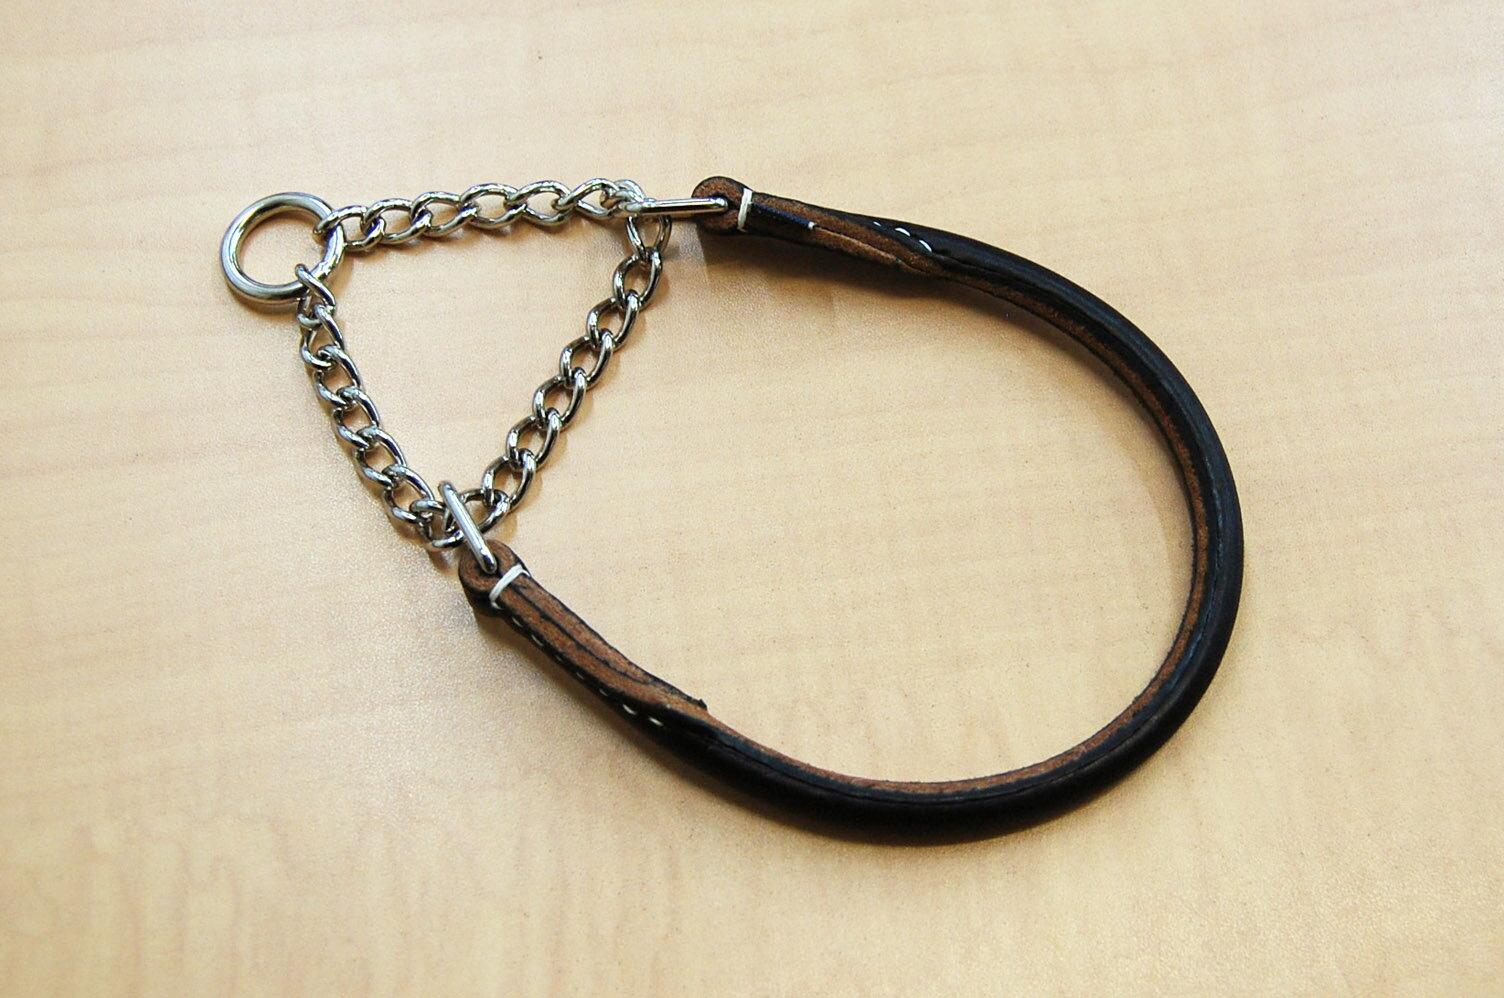 【送料無料】犬の首輪 ハーフチョーク M(丸革 革幅:15m/m 内径:約49.5~39cm)【馬具職人ハンドメイド】